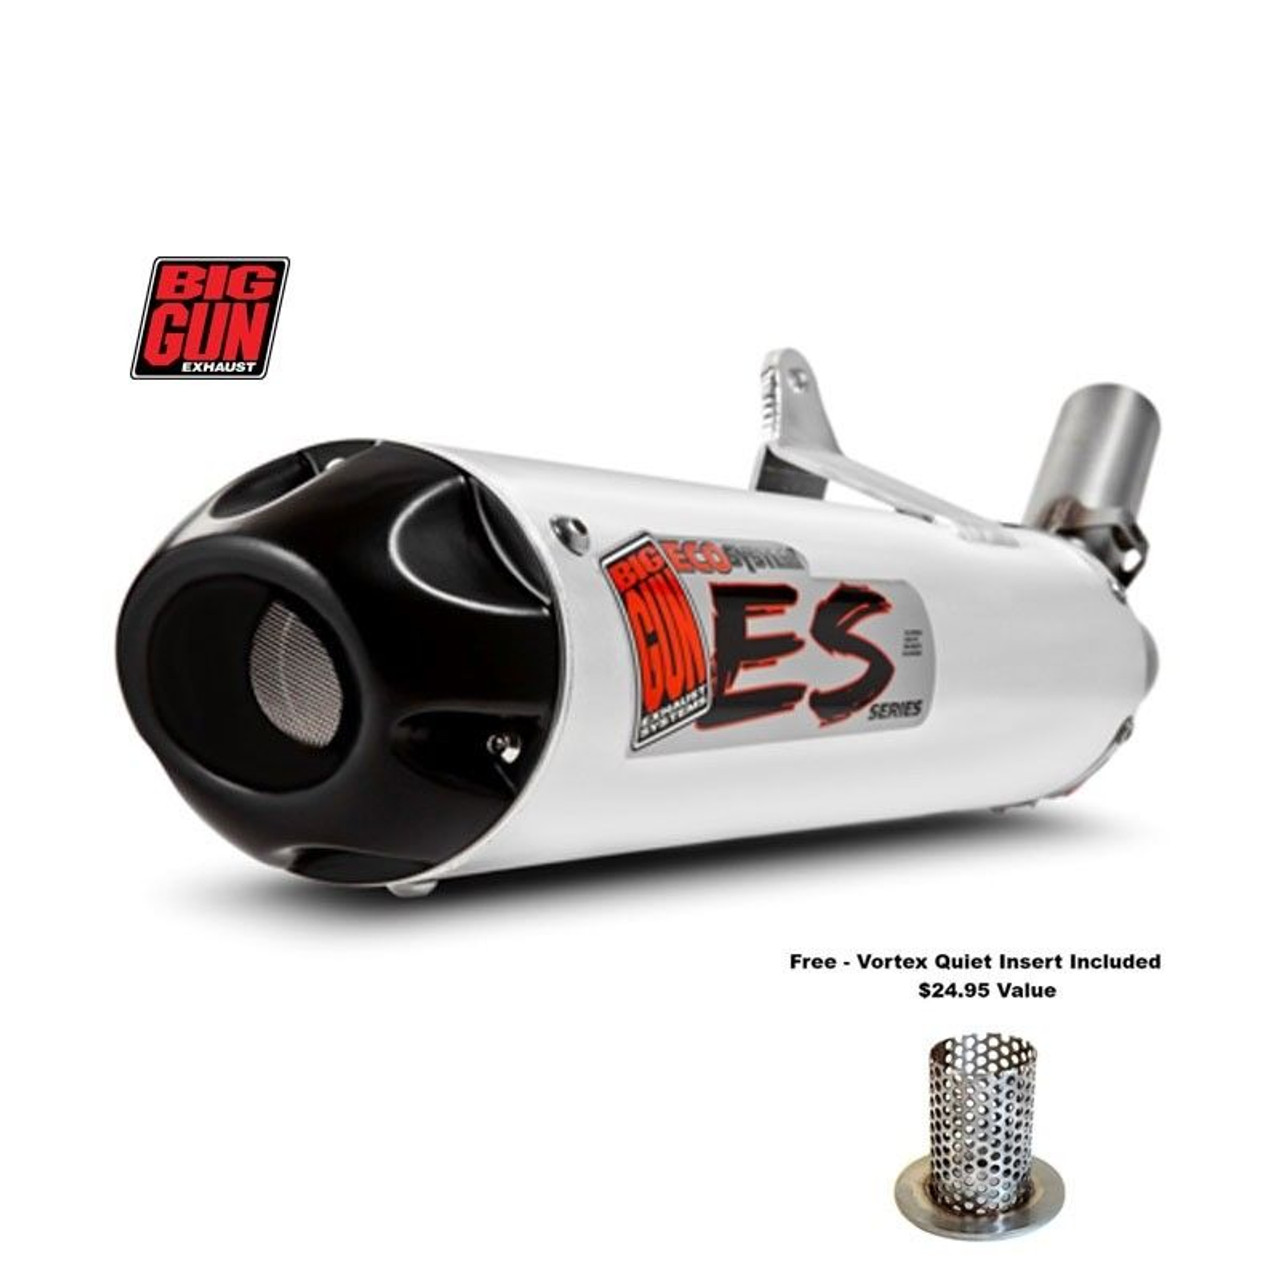 1 Honda TRX 450 ER 2006-2009 Exhaust Collector Box Seal /& Clamp to Silencer